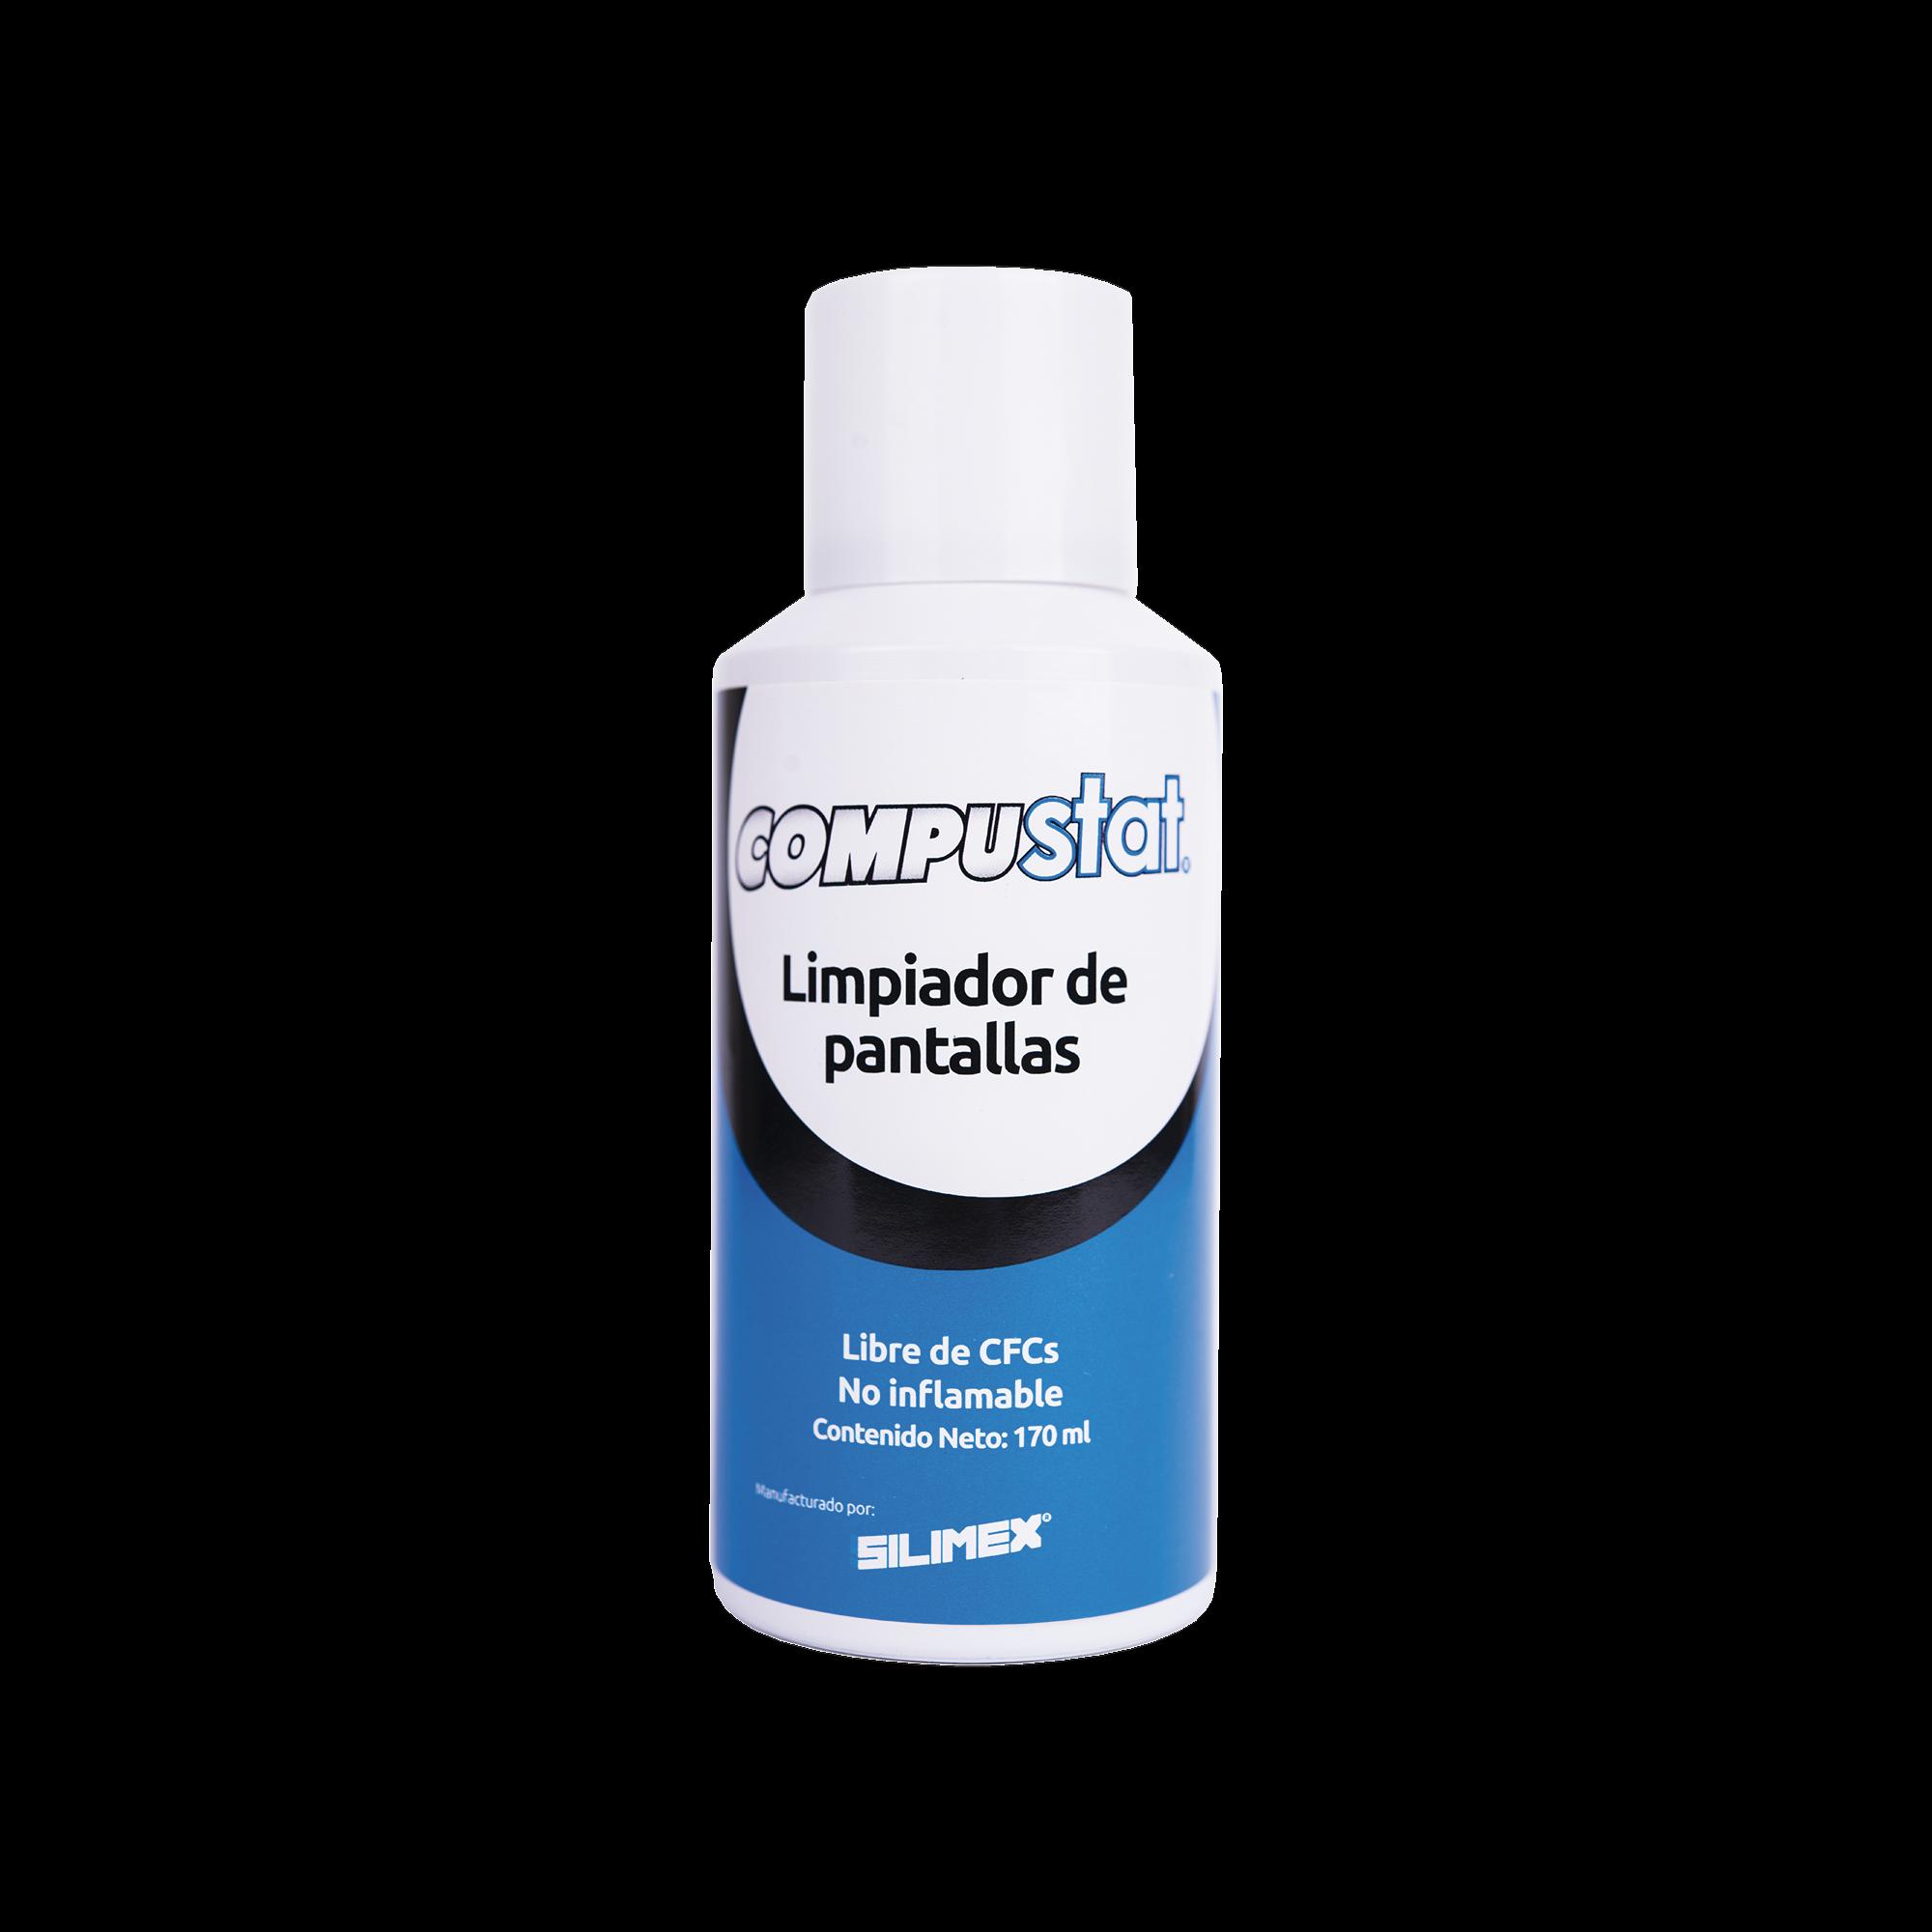 Limpiador de pantallas y cámaras, protector anti-estático en aerosol,  con protección contra rayos UV, repelente de polvo, 170 ml